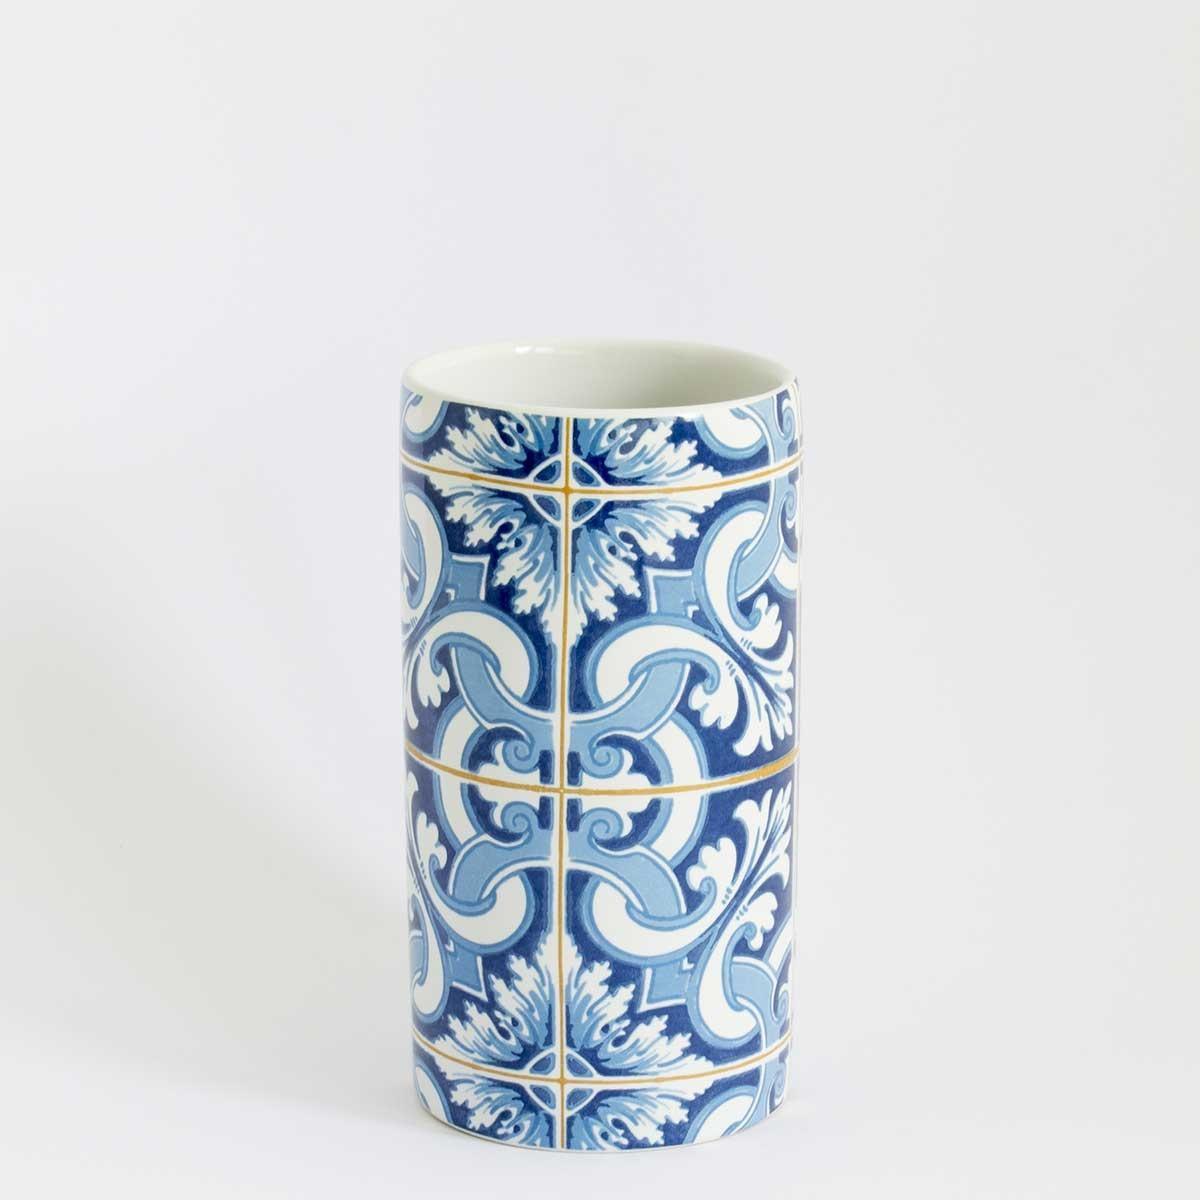 Carrelage Bleu Nuit Salle De Bain ~ Gobelet Fresque Mosa Que Bleu Homebain Vente En Ligne Gobelets